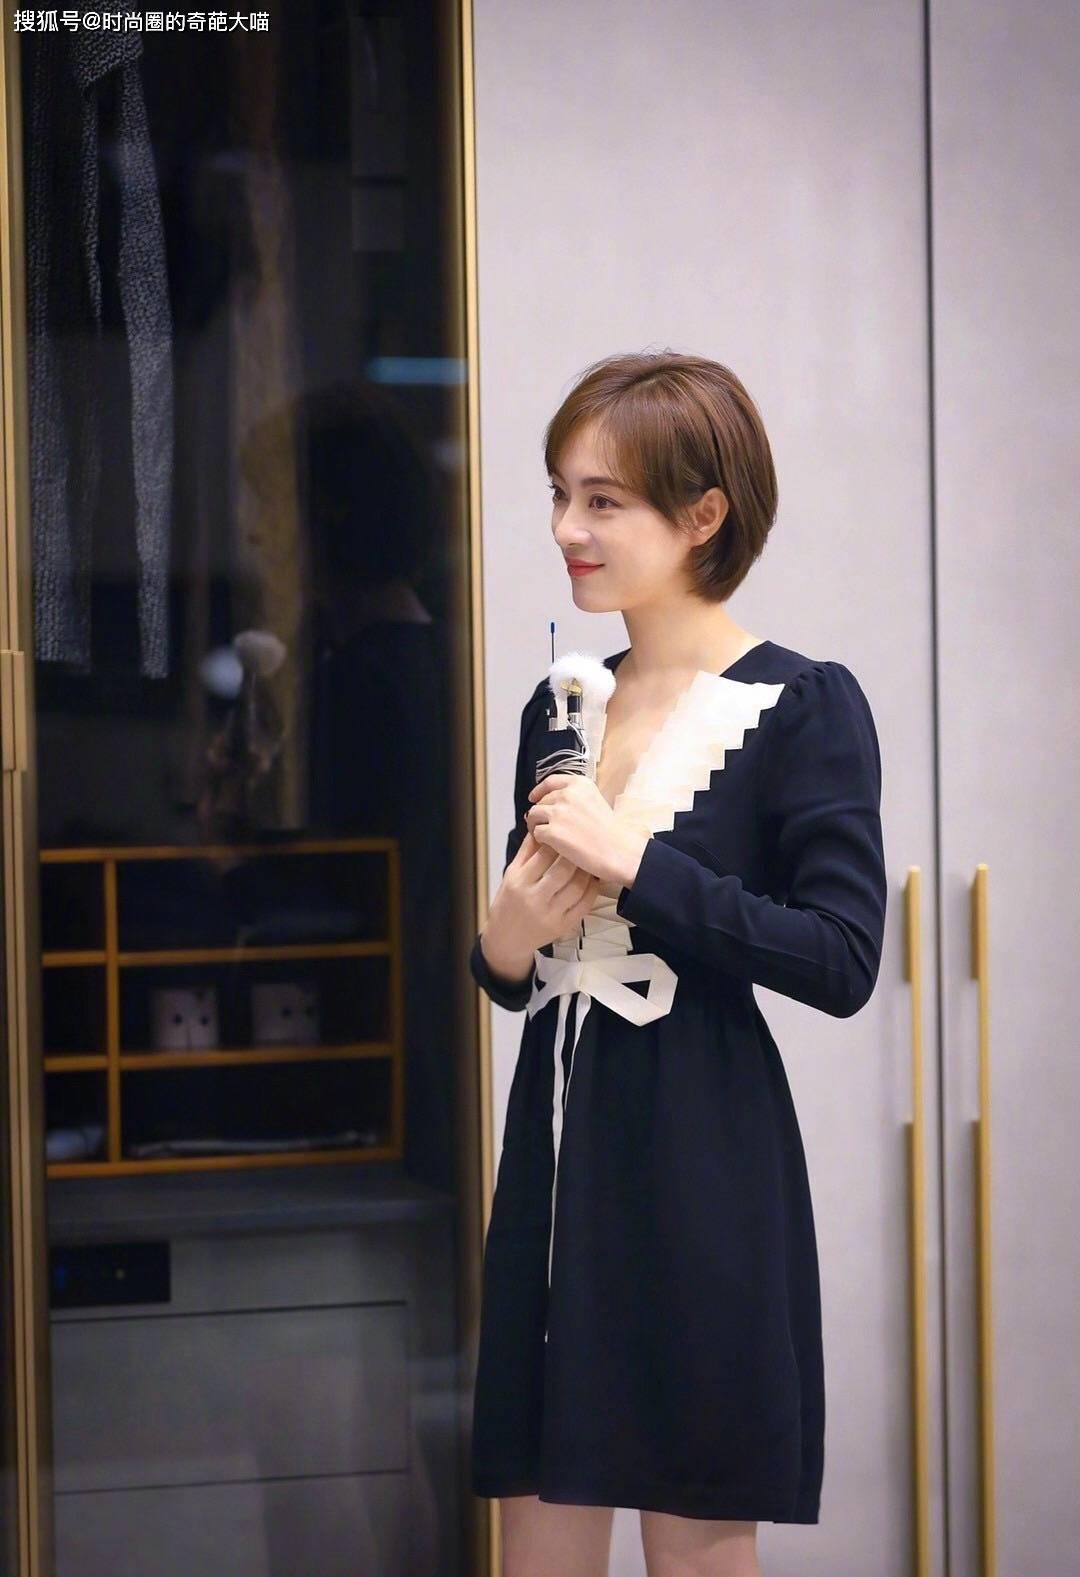 原创孙俪新剧开机状态佳,简约穿搭清纯靓丽,37岁上镜还跟小姑娘似的